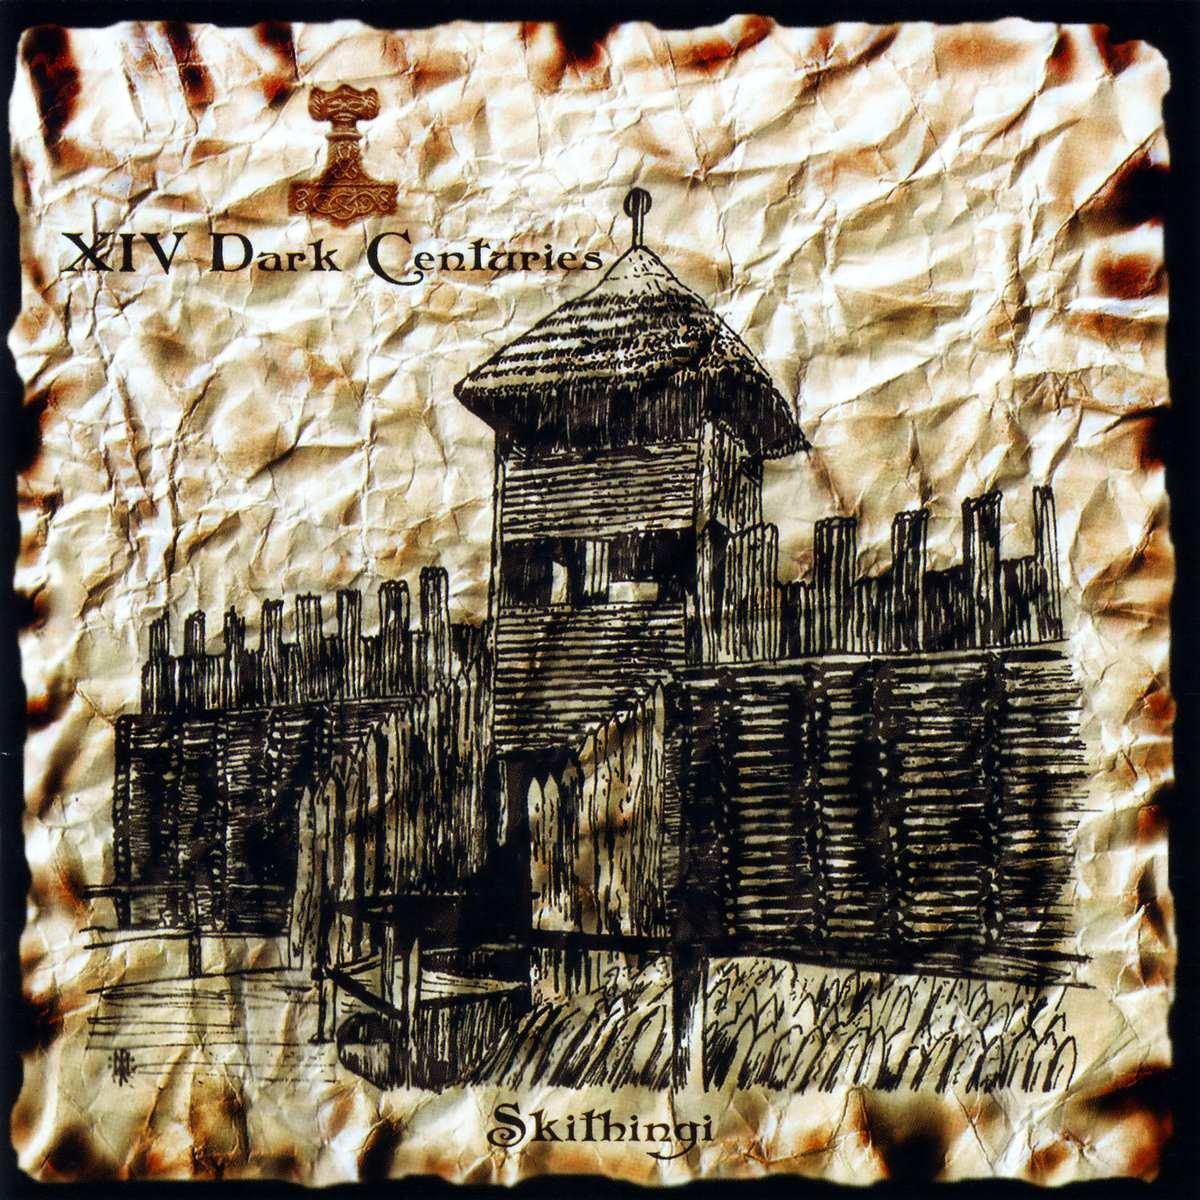 XIV Dark Centuries - Skithingi